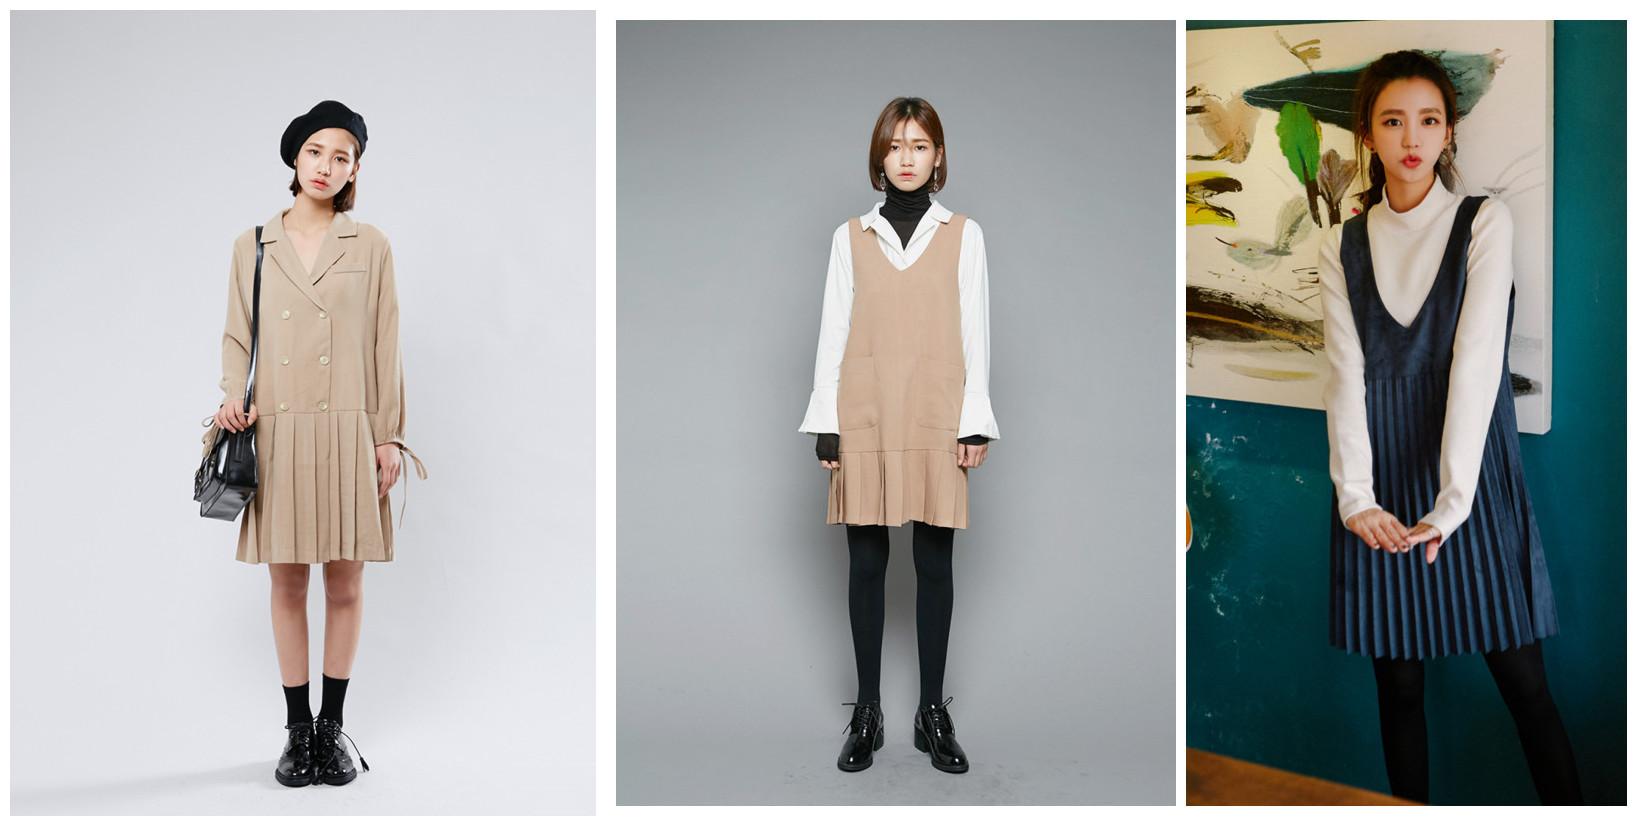 不止是半身裙,百褶設計還融入到了更多單品中,跟百褶裙最搭的就是牛津鞋了!